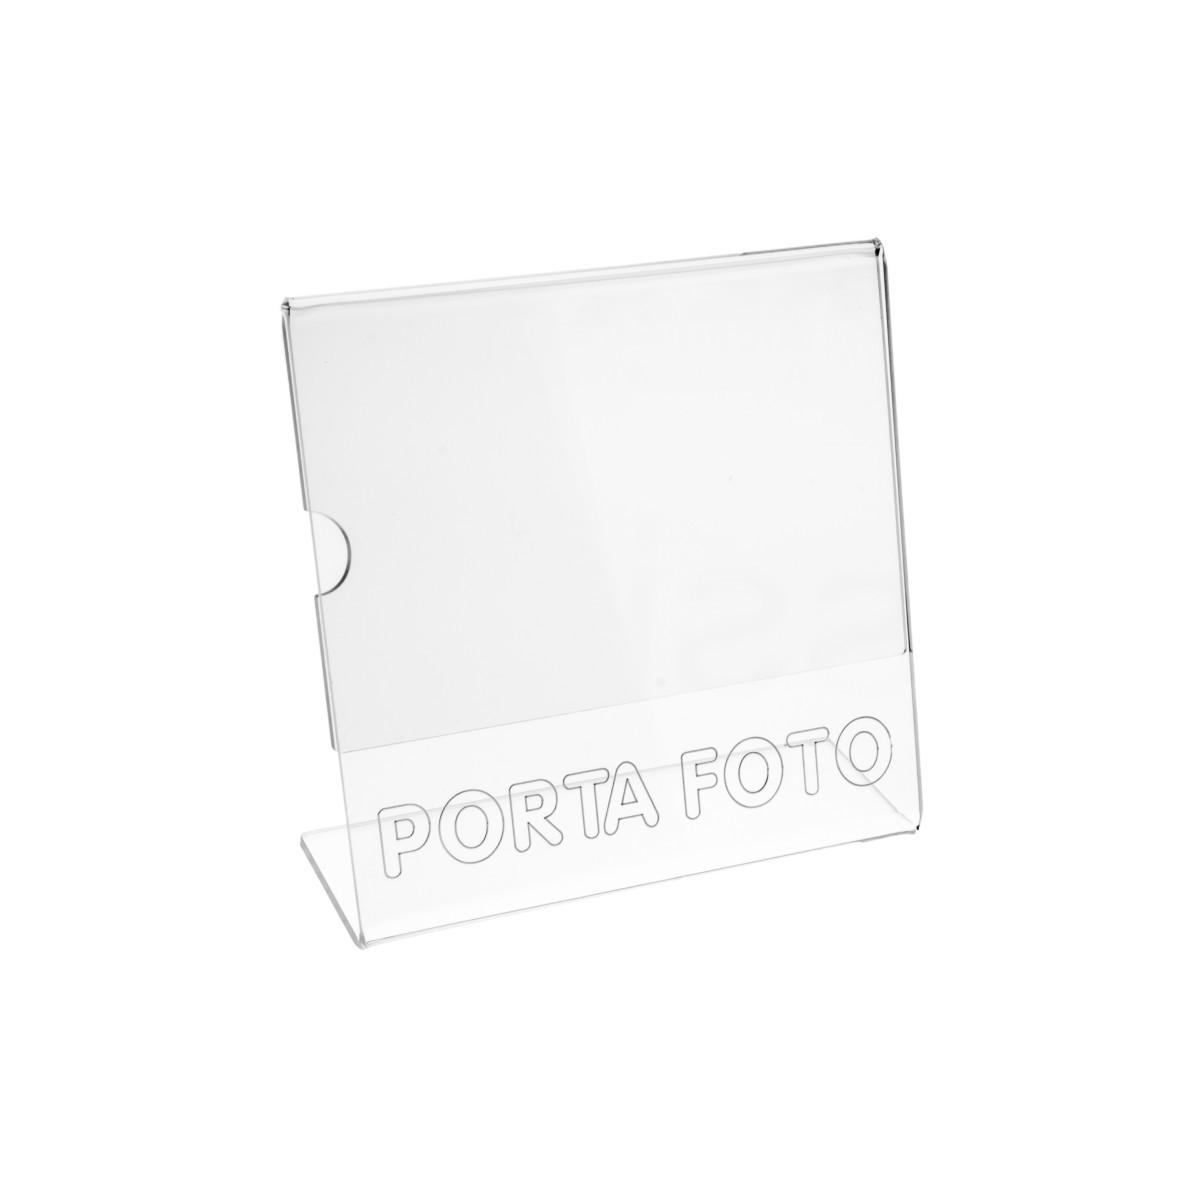 E-031 PF - Porta foto in plexiglass - Misure: 16xH16 cm